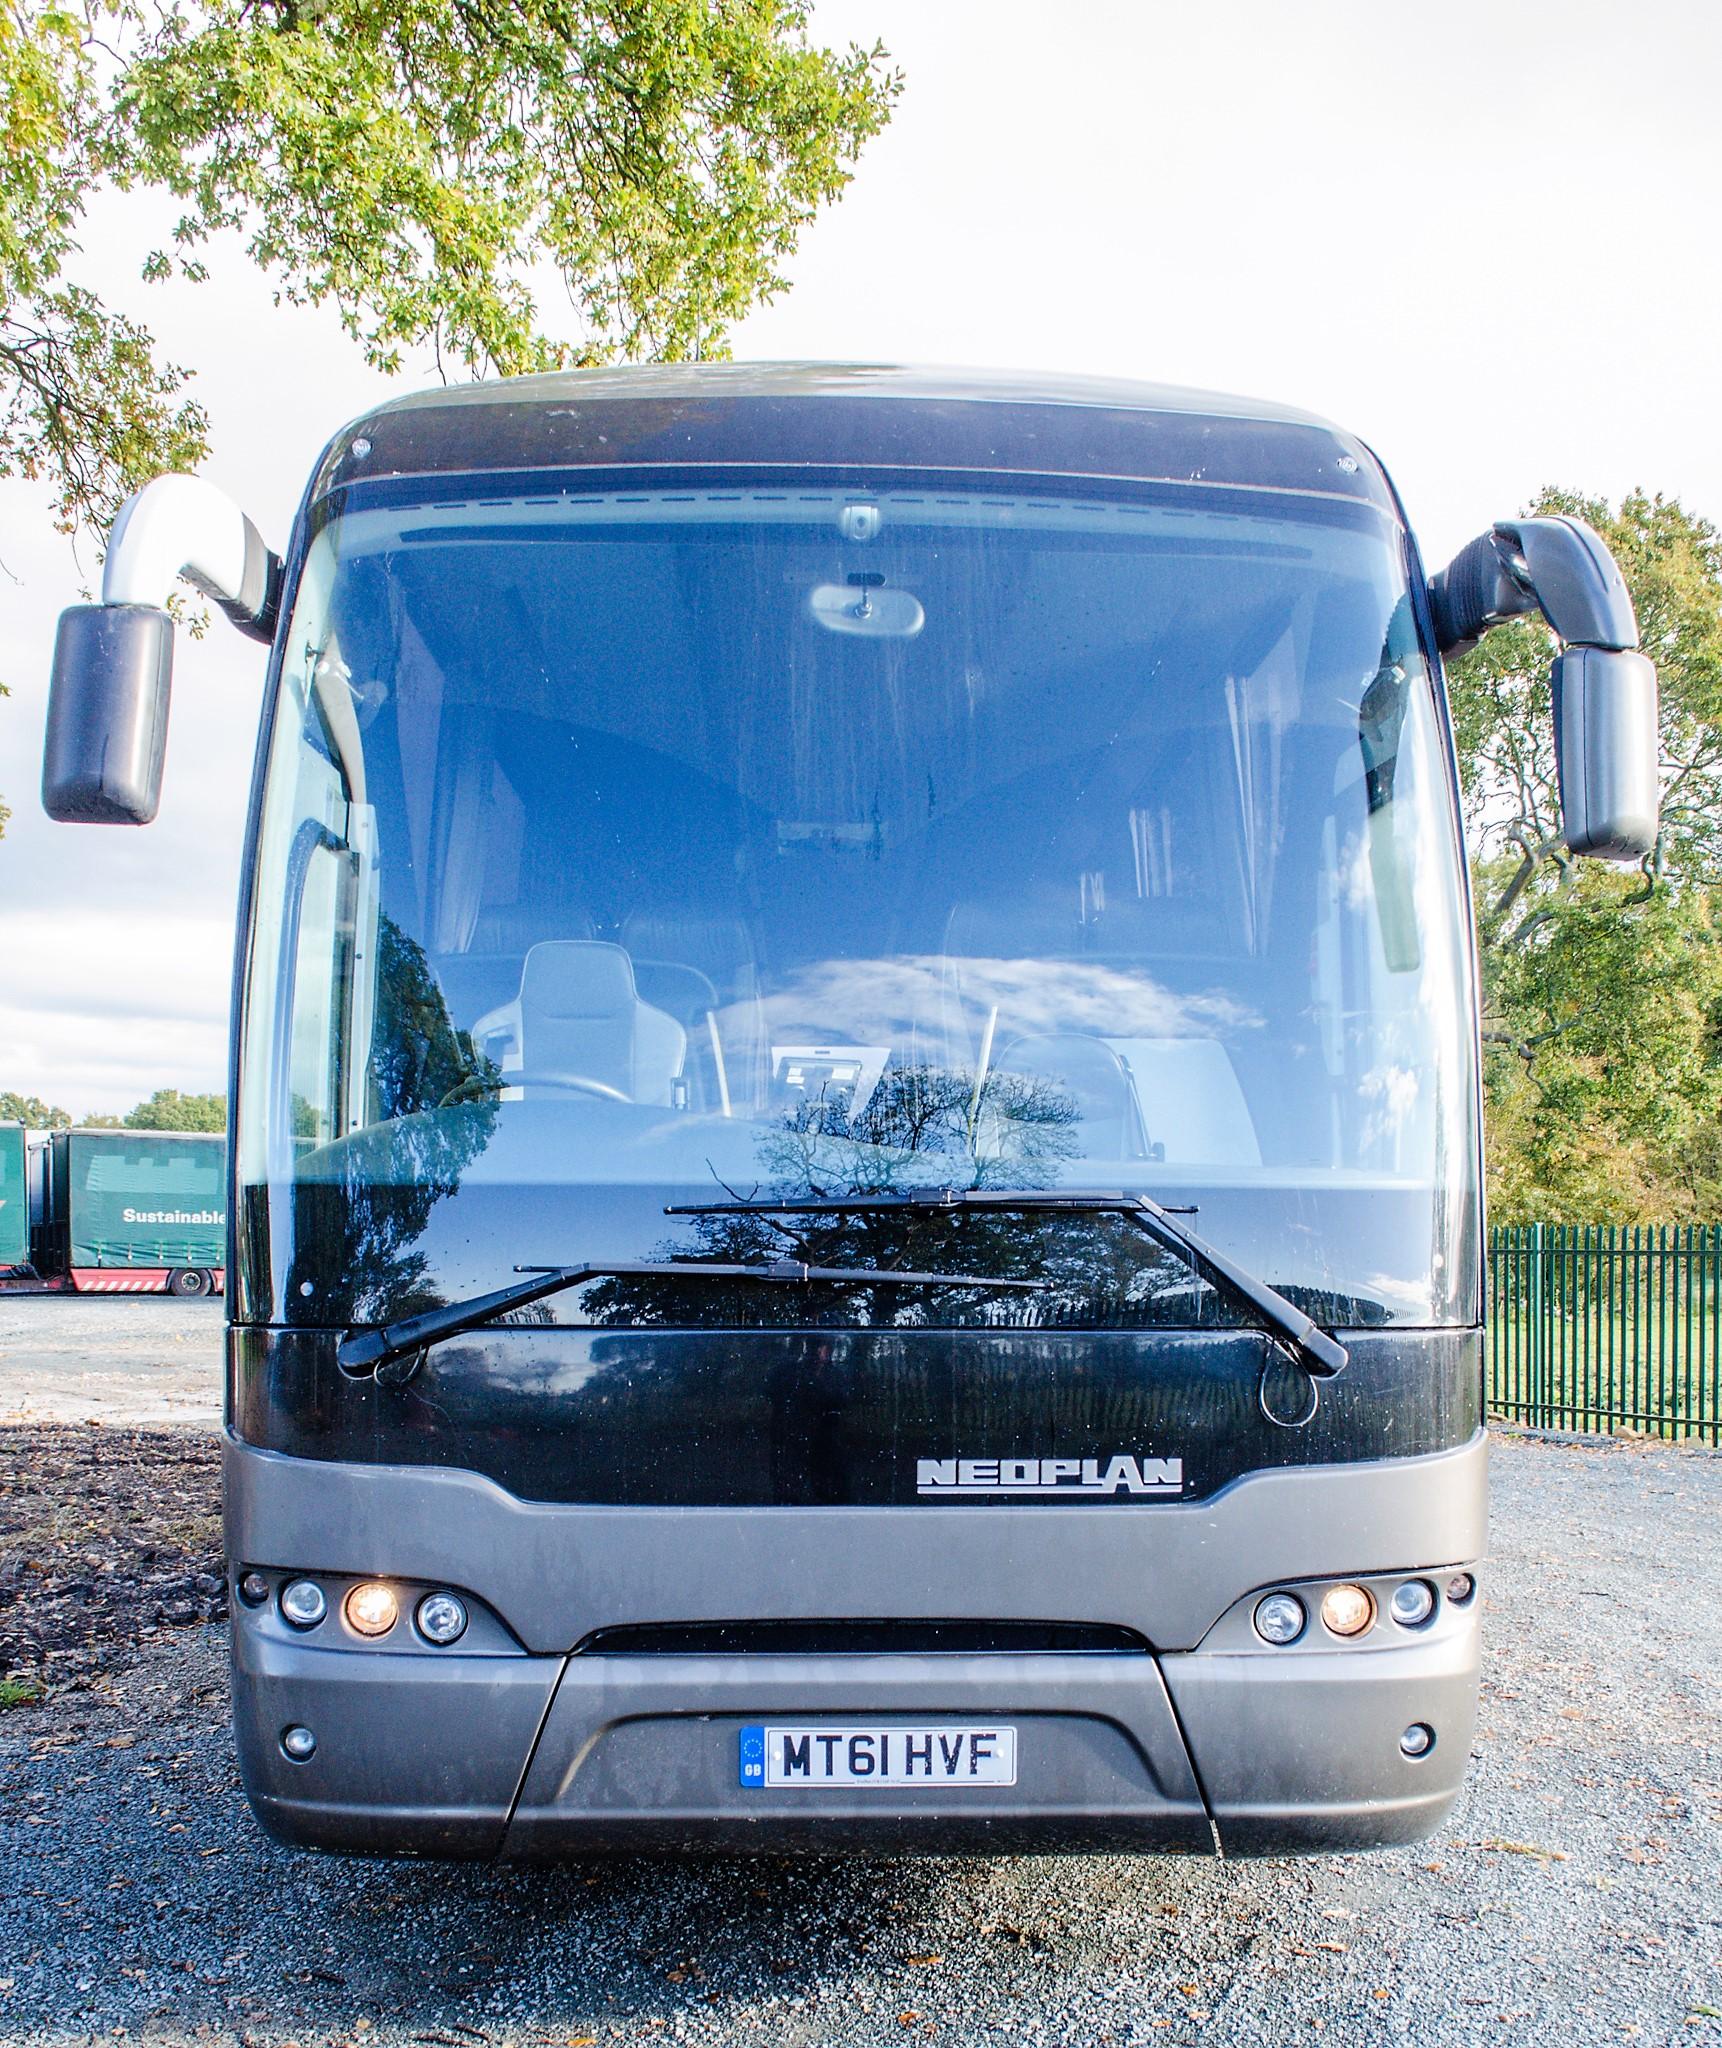 MAN Neoplan Tourliner 53 seat luxury coach Registration Number: MT61 HVF Date of Registration: 01/ - Image 5 of 21